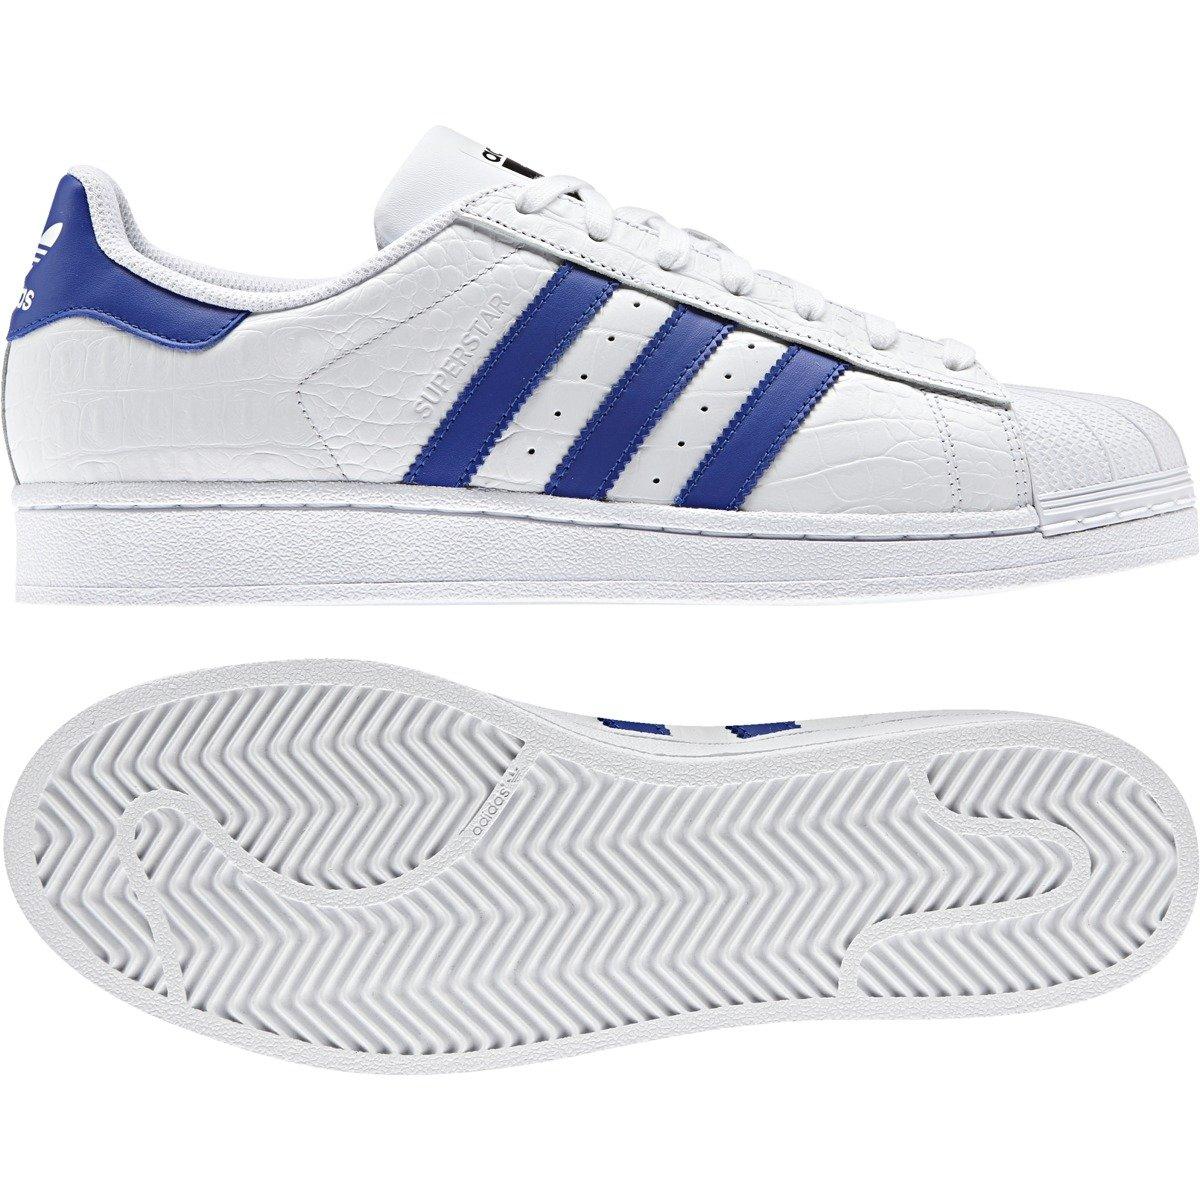 Adidas Originals Superstar Shoes BZ0197